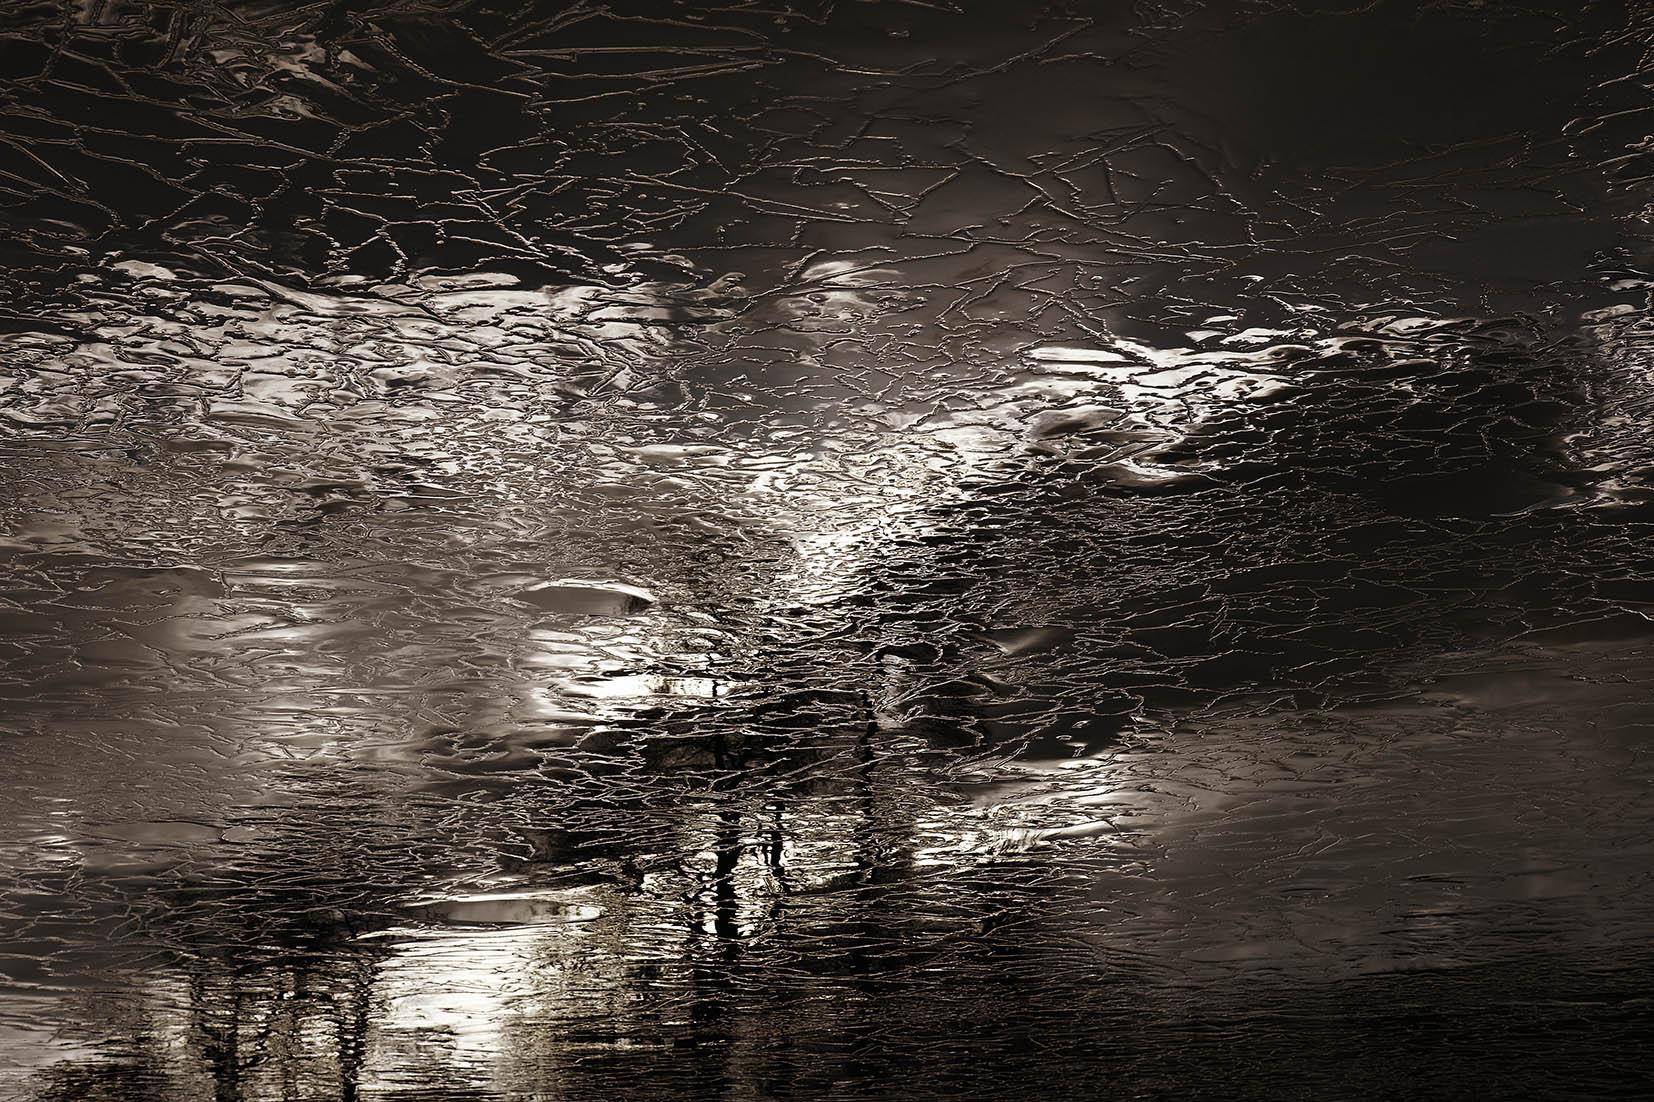 evikeller-towards-the-light_MG_4544